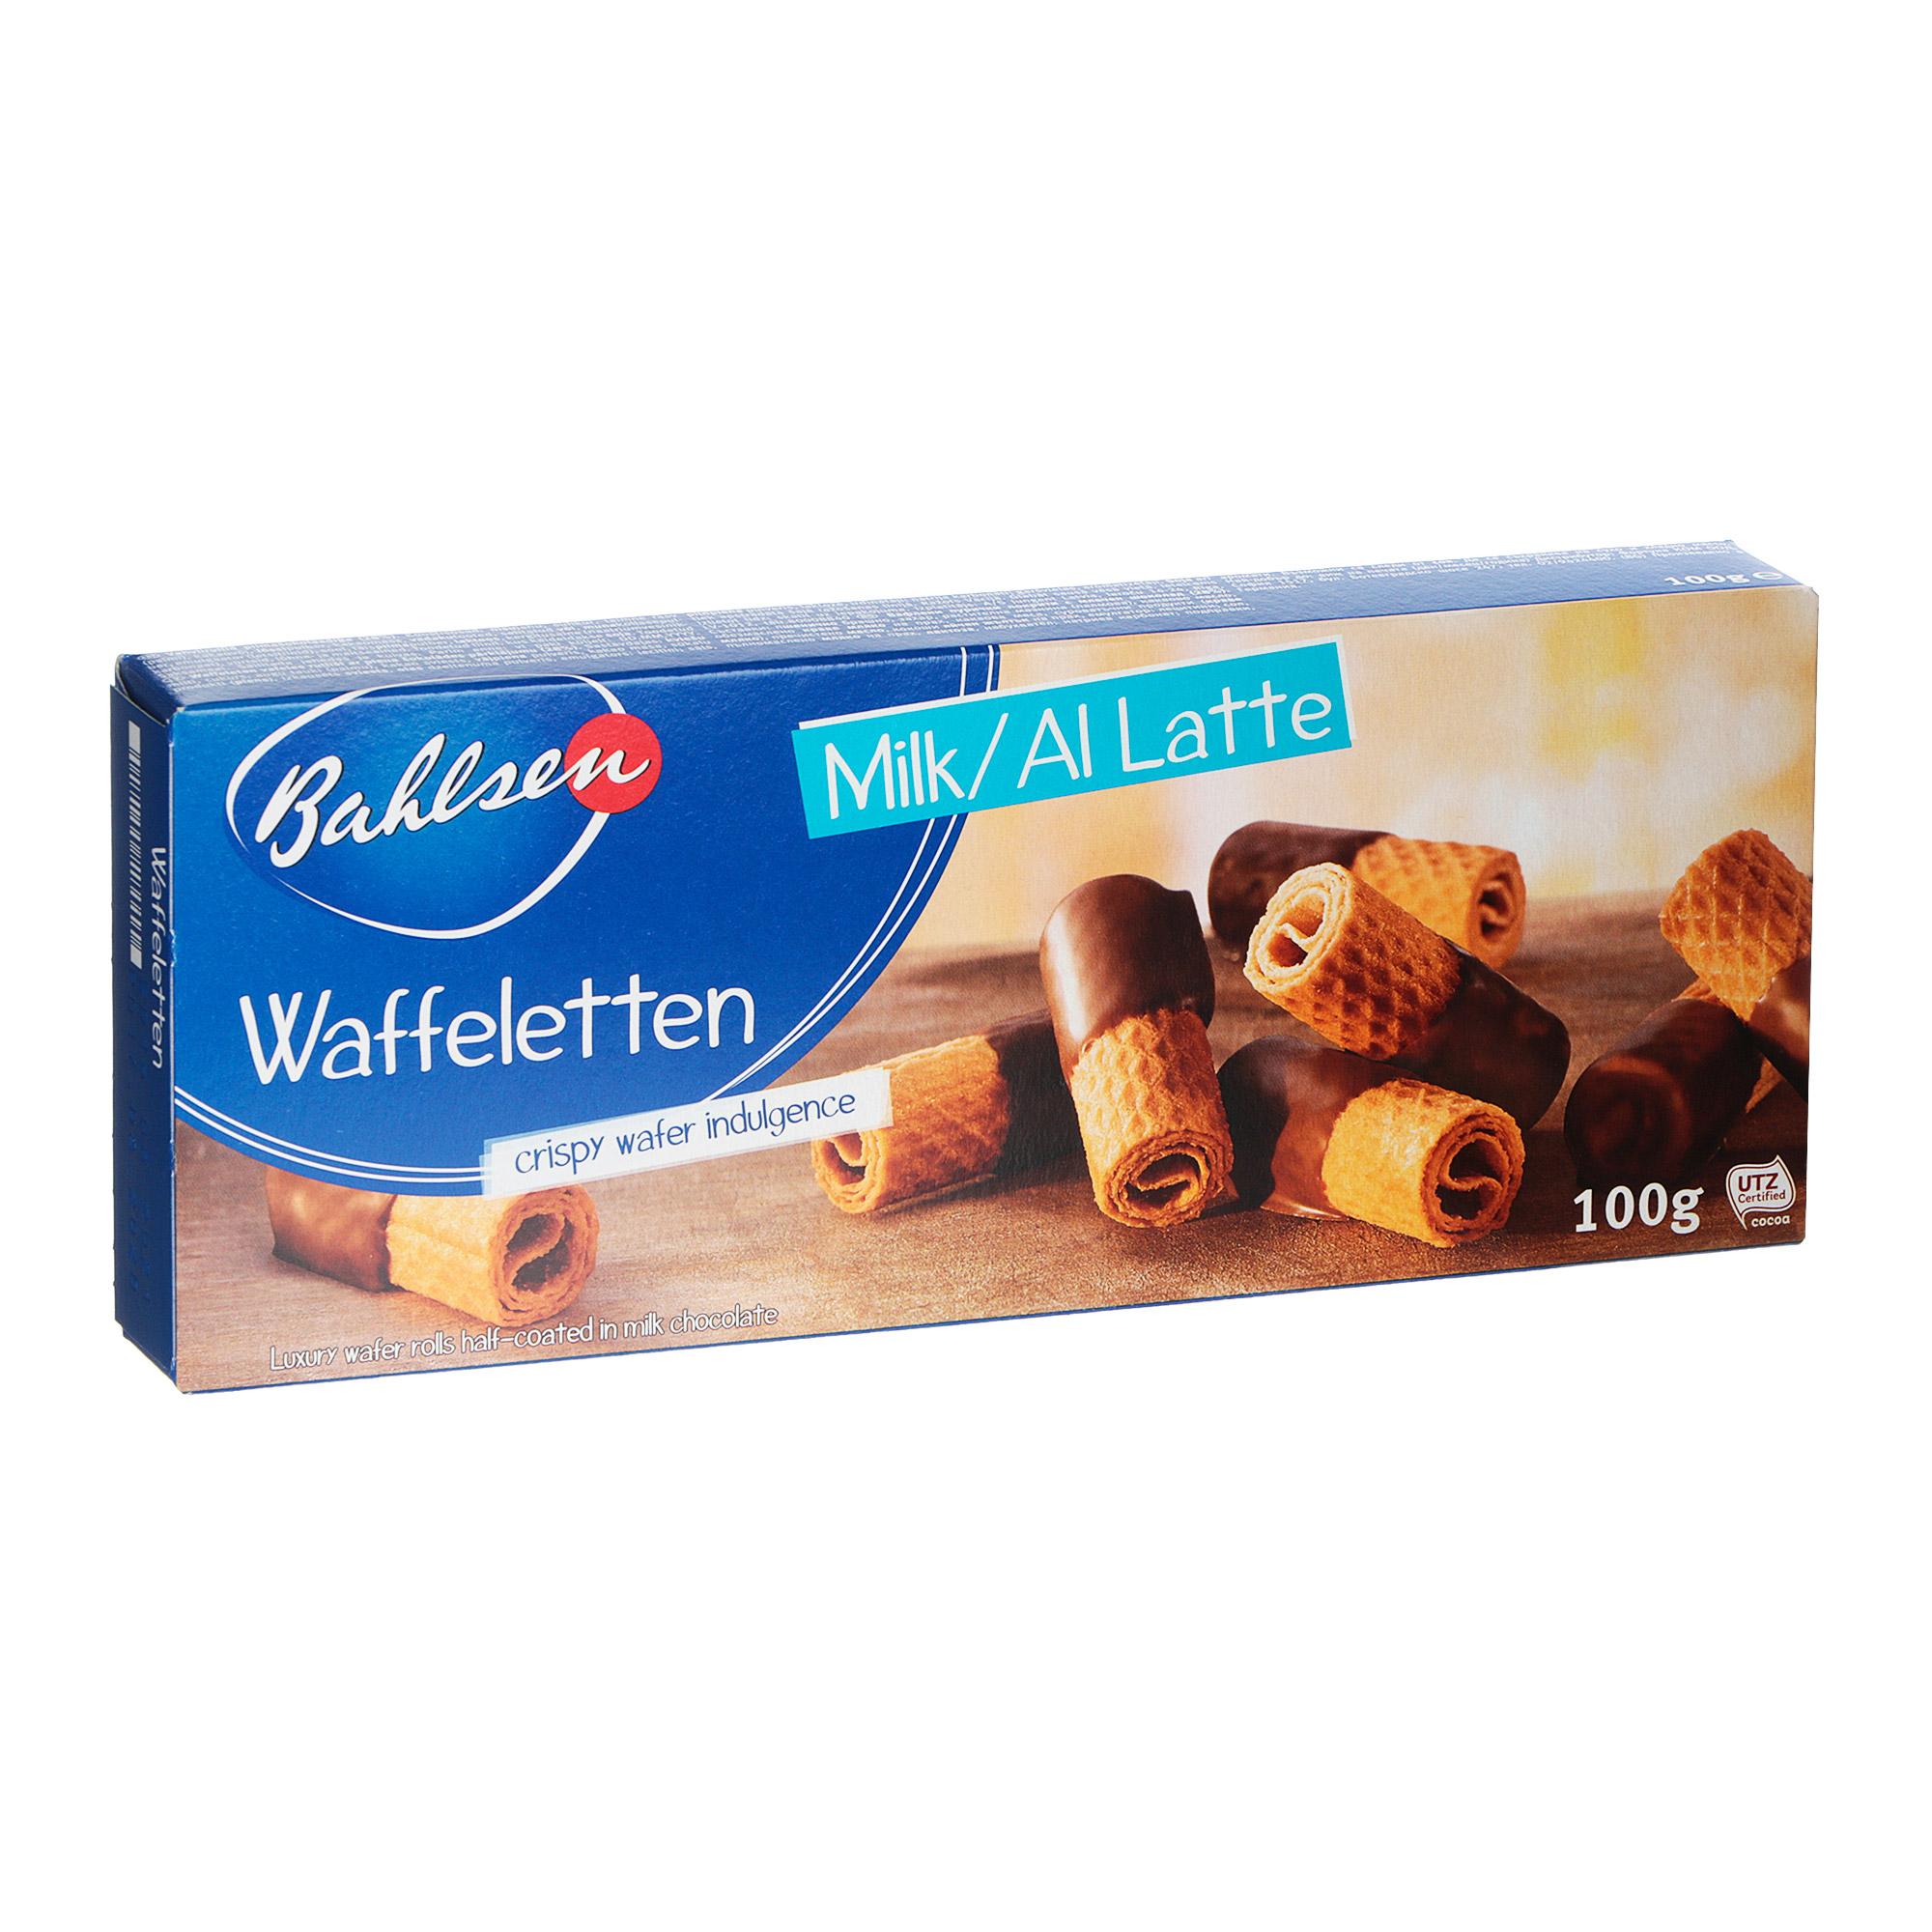 Вафельные трубочки Bahlsen Waffeletten трубочки в молочном шоколаде 100 г бальзен печенье choco leibniz сливочное в молочном шоколаде bahlsen